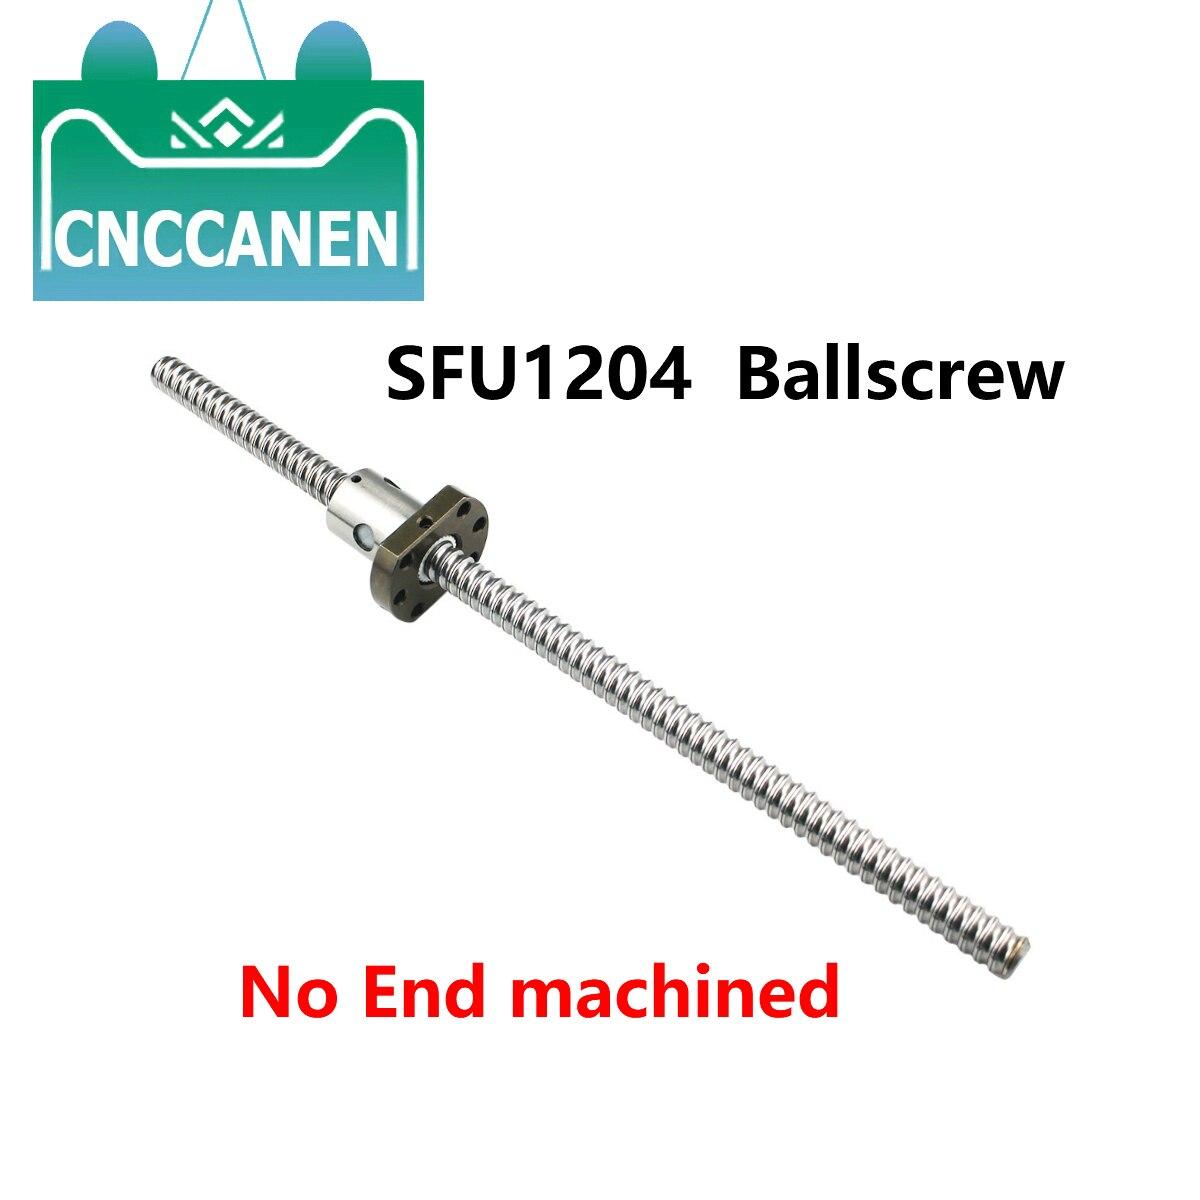 Sfu1204 150 200 250mm 300 350 500 1500 mm rolou o parafuso da esfera c7 nenhuma extremidade fez à máquina rm1204 ballscrew & único flange ballnut peças cnc